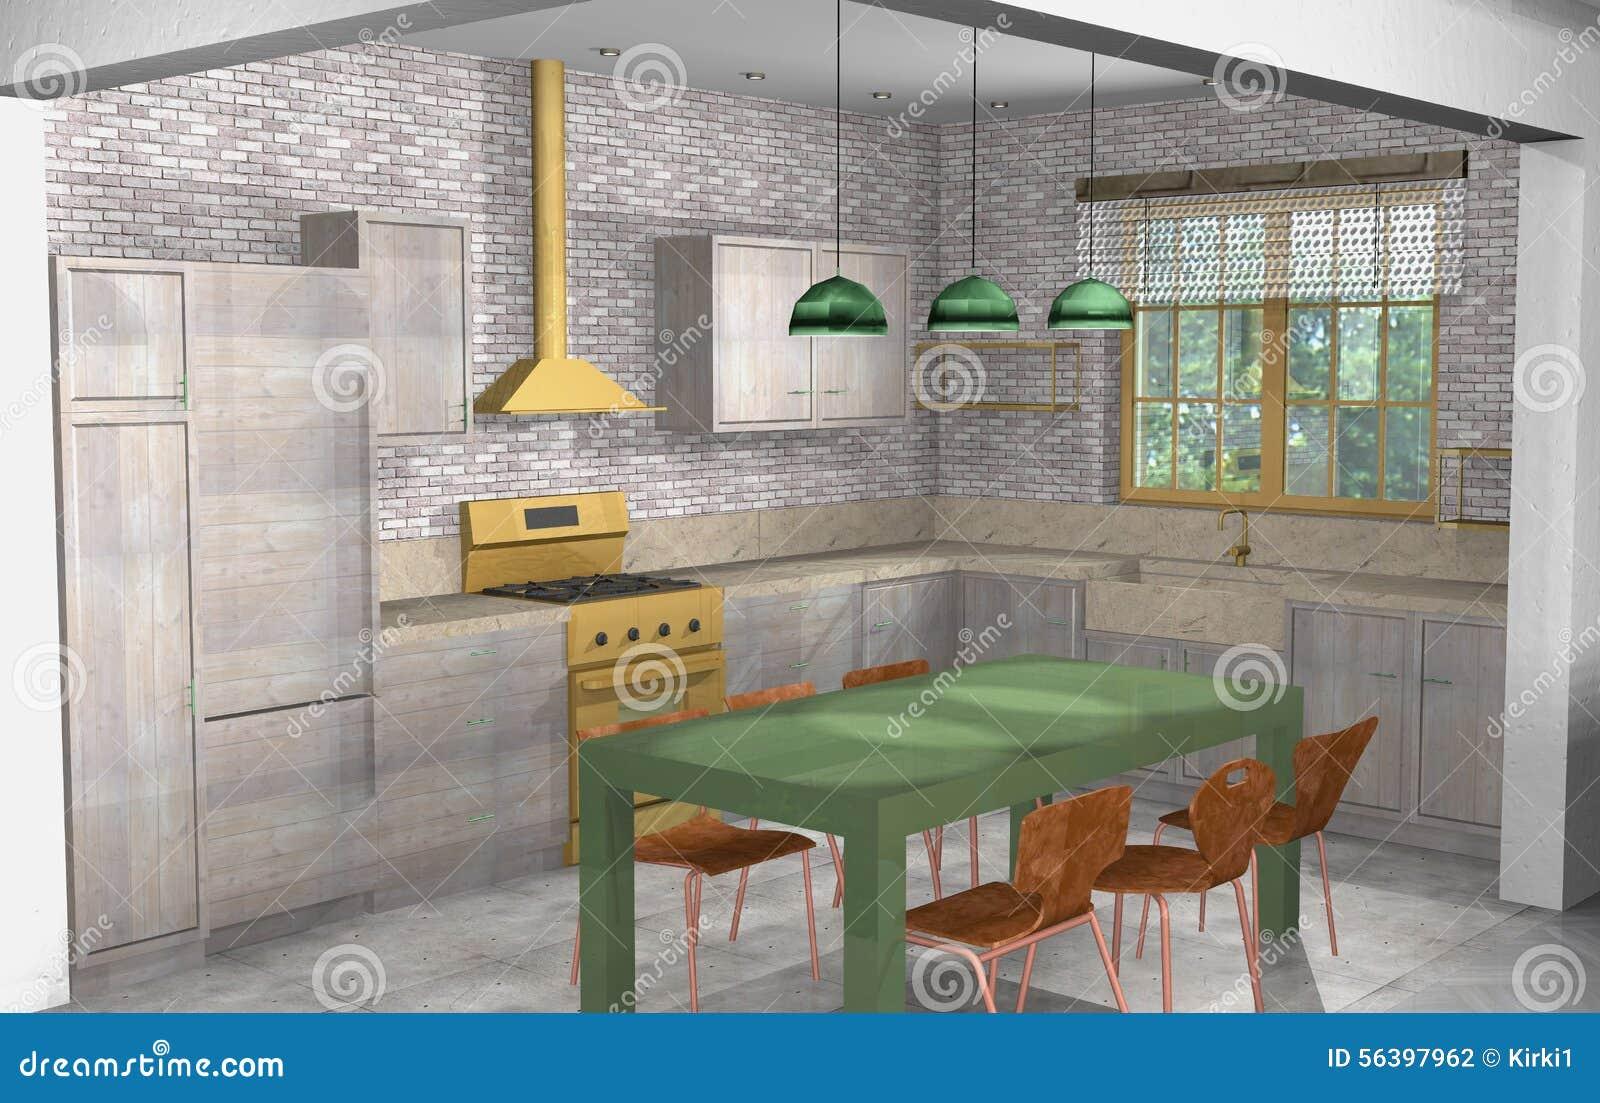 Cocina rustica con chimenea en ladrillo visto y madera for Sala de estar rustica y moderna